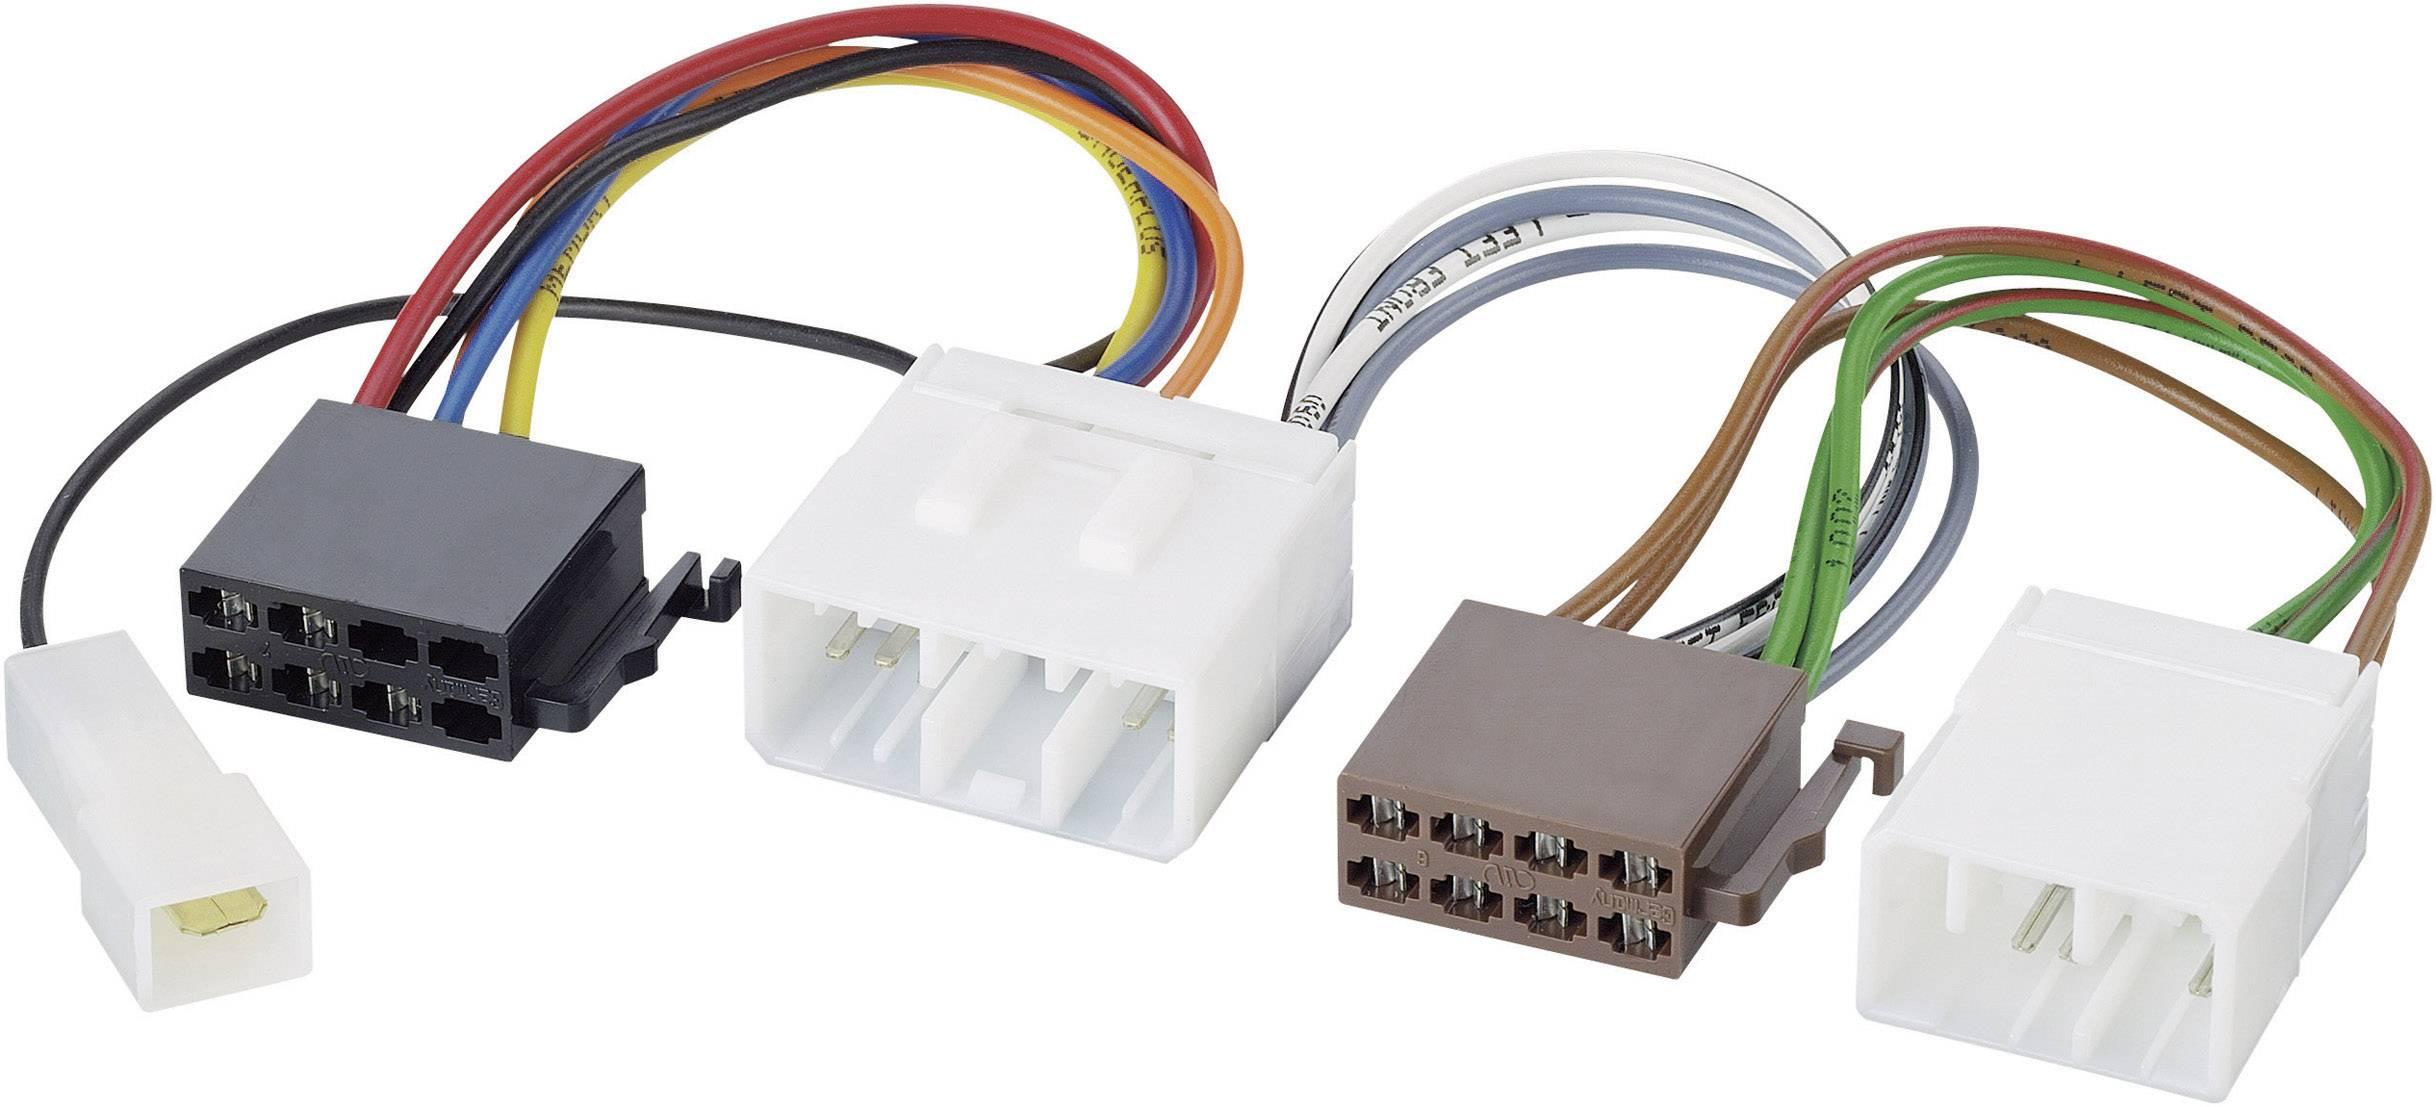 ISO adaptérový kábel pre autorádio AIV 41C927 vhodné pre autá Mazda